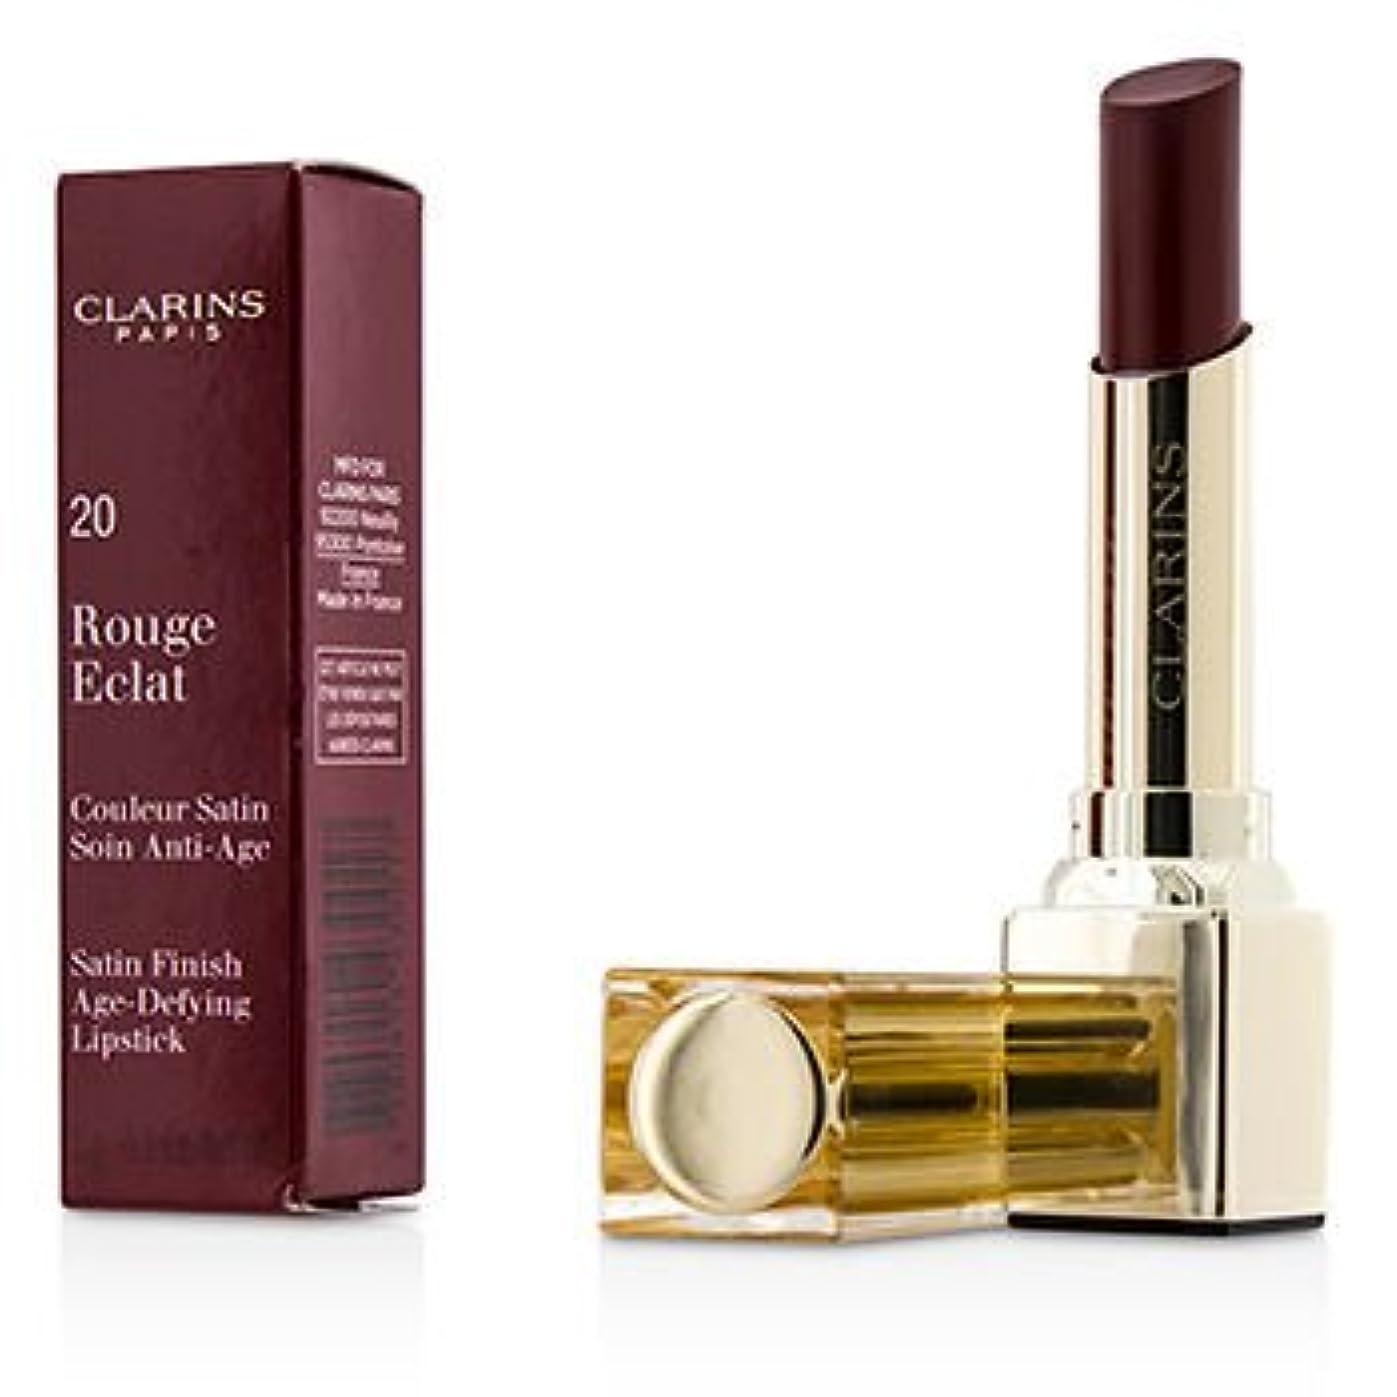 進行中業界引き渡す[Clarins] Rouge Eclat Satin Finish Age Defying Lipstick - # 20 Red Fuchsia 3g/0.1oz